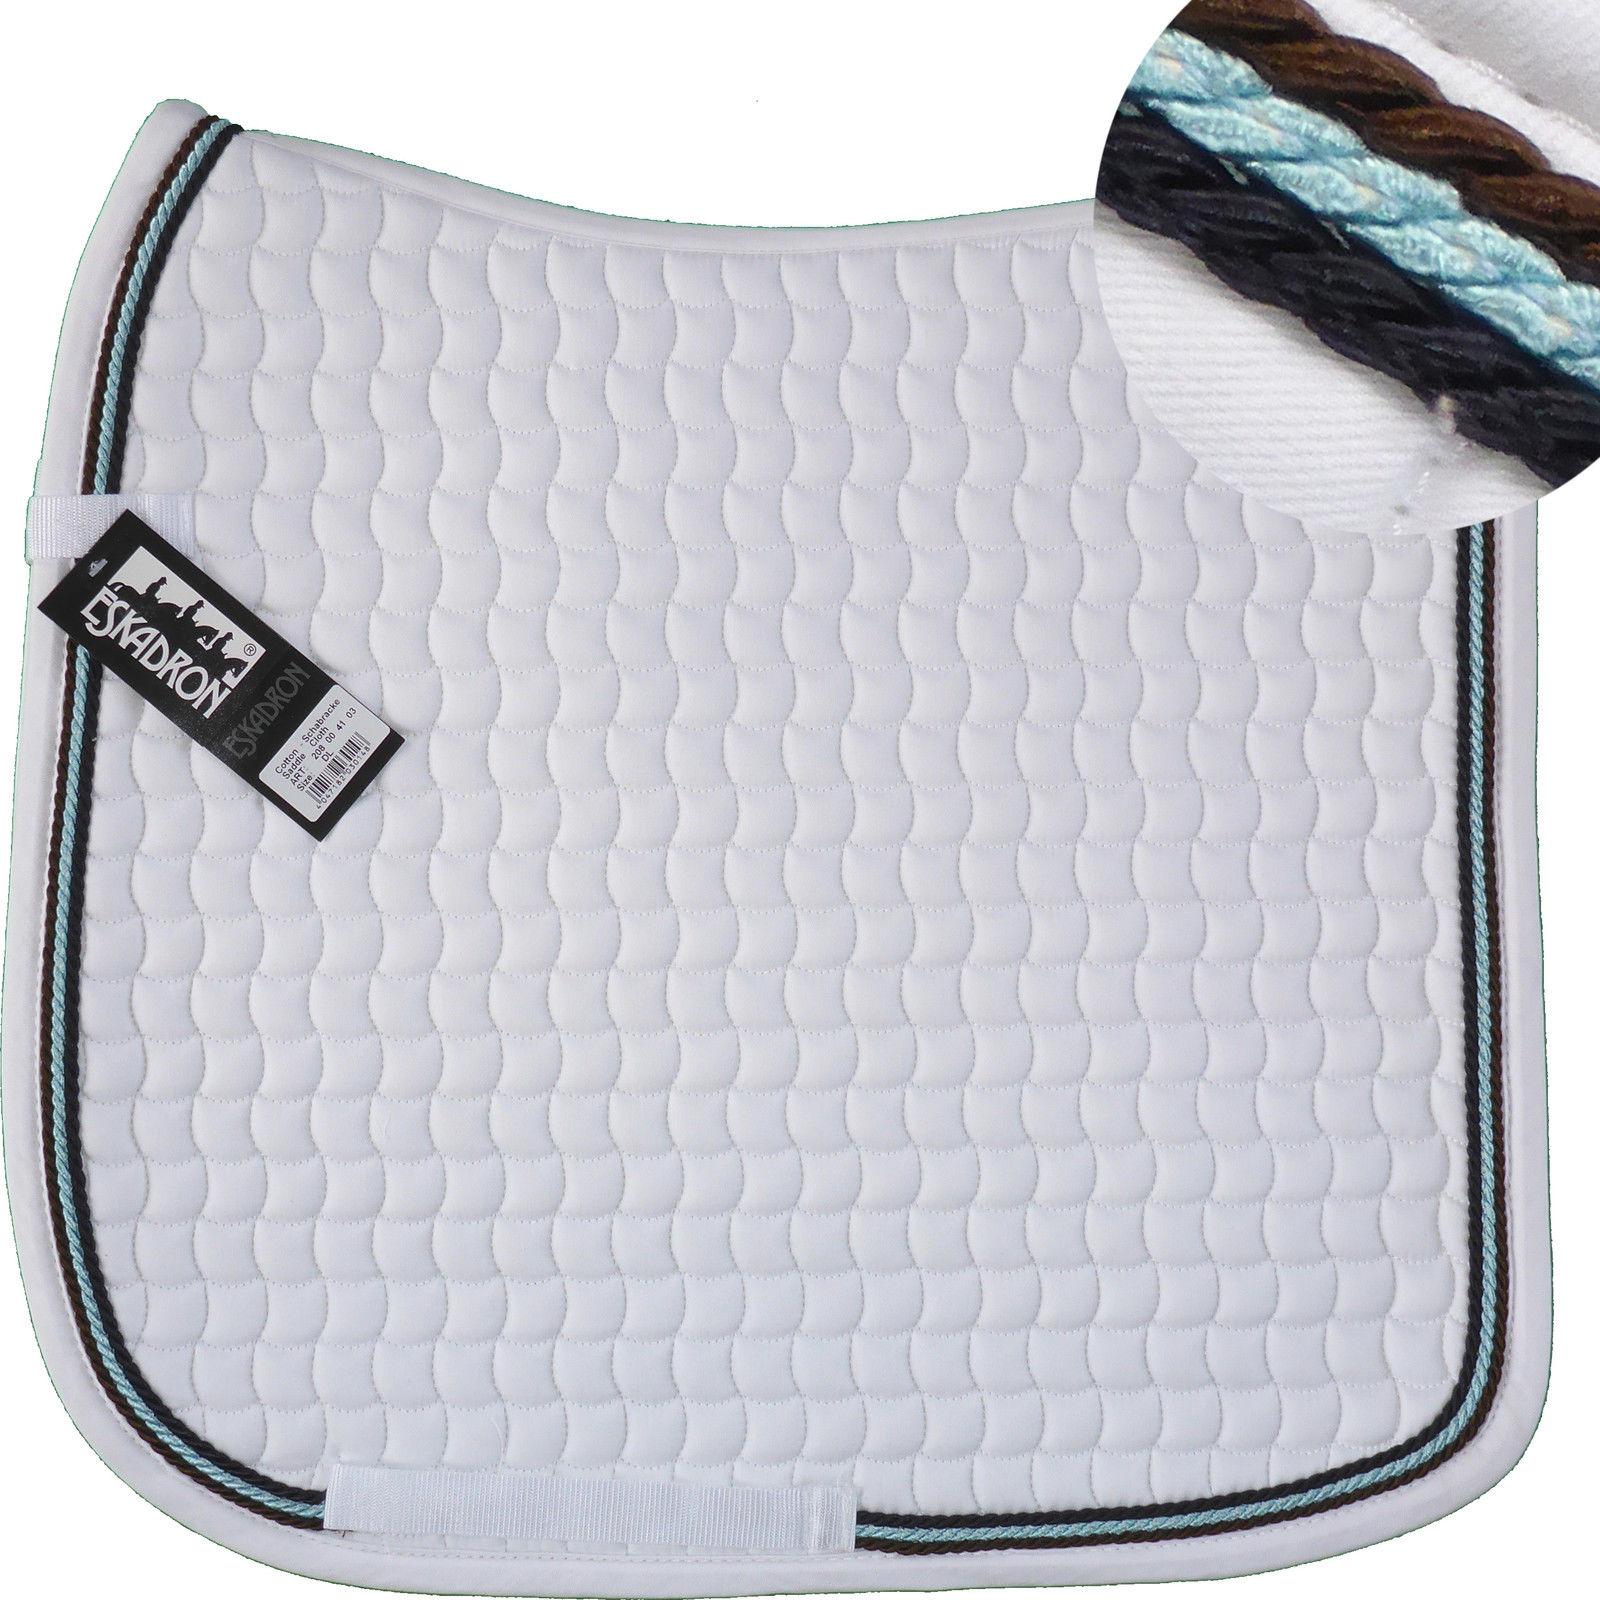 ESKADRON Cotton Schabracke weiß, 3fach Kordel schoko, iceblue, navy NEU